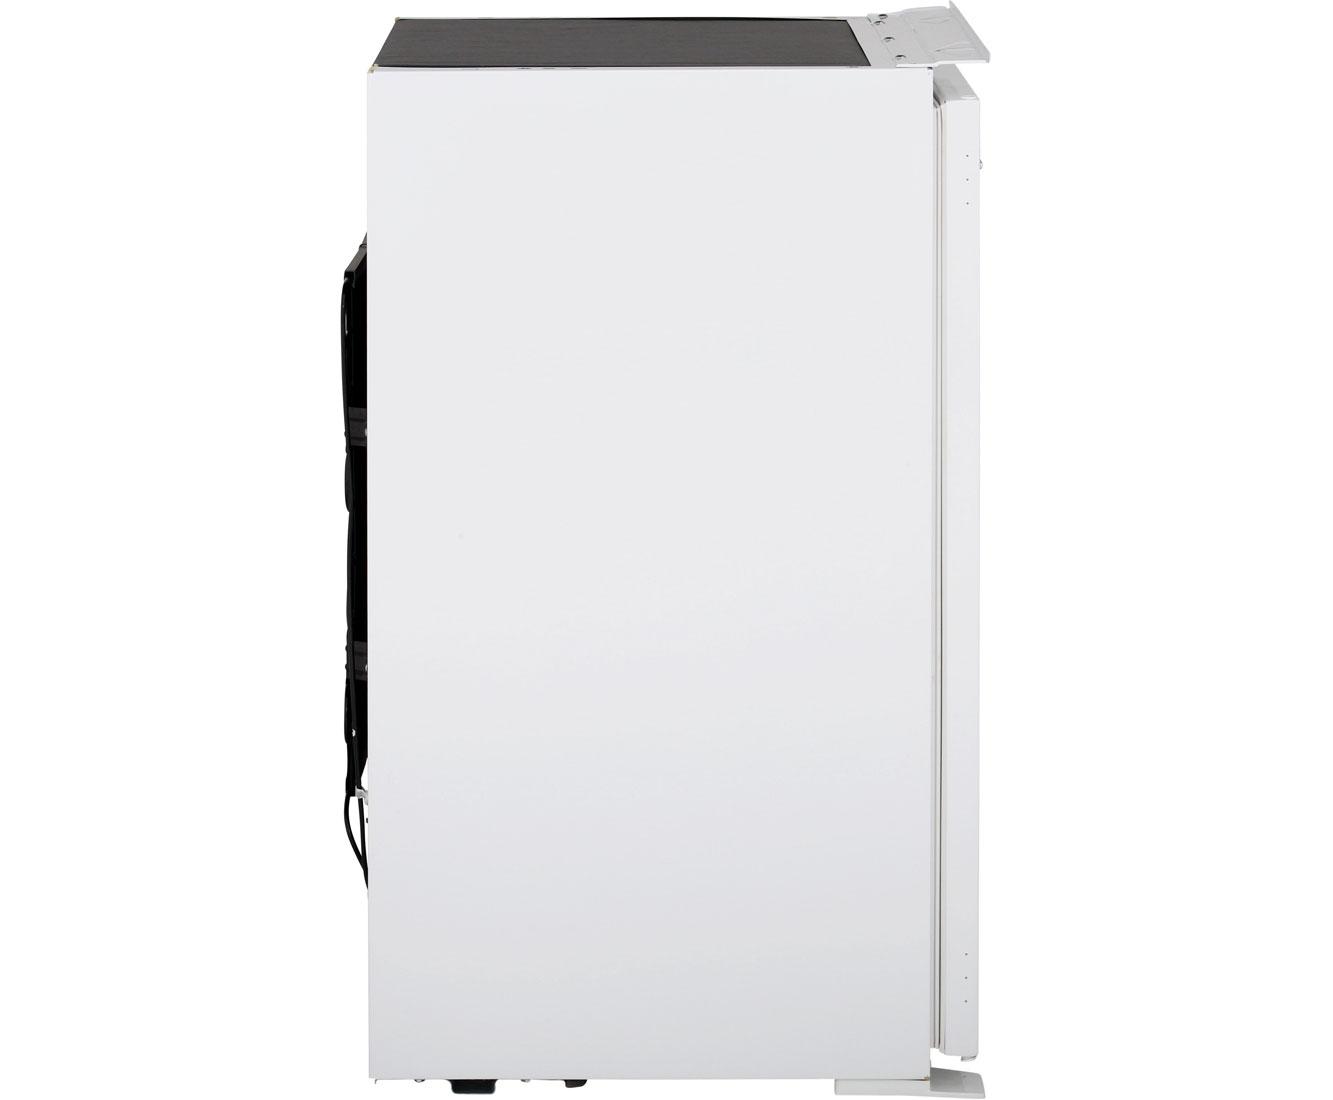 Einstellen Kunststoff Schneidklingen Schneiden Für Stihl Polycut 6-3 Weiß